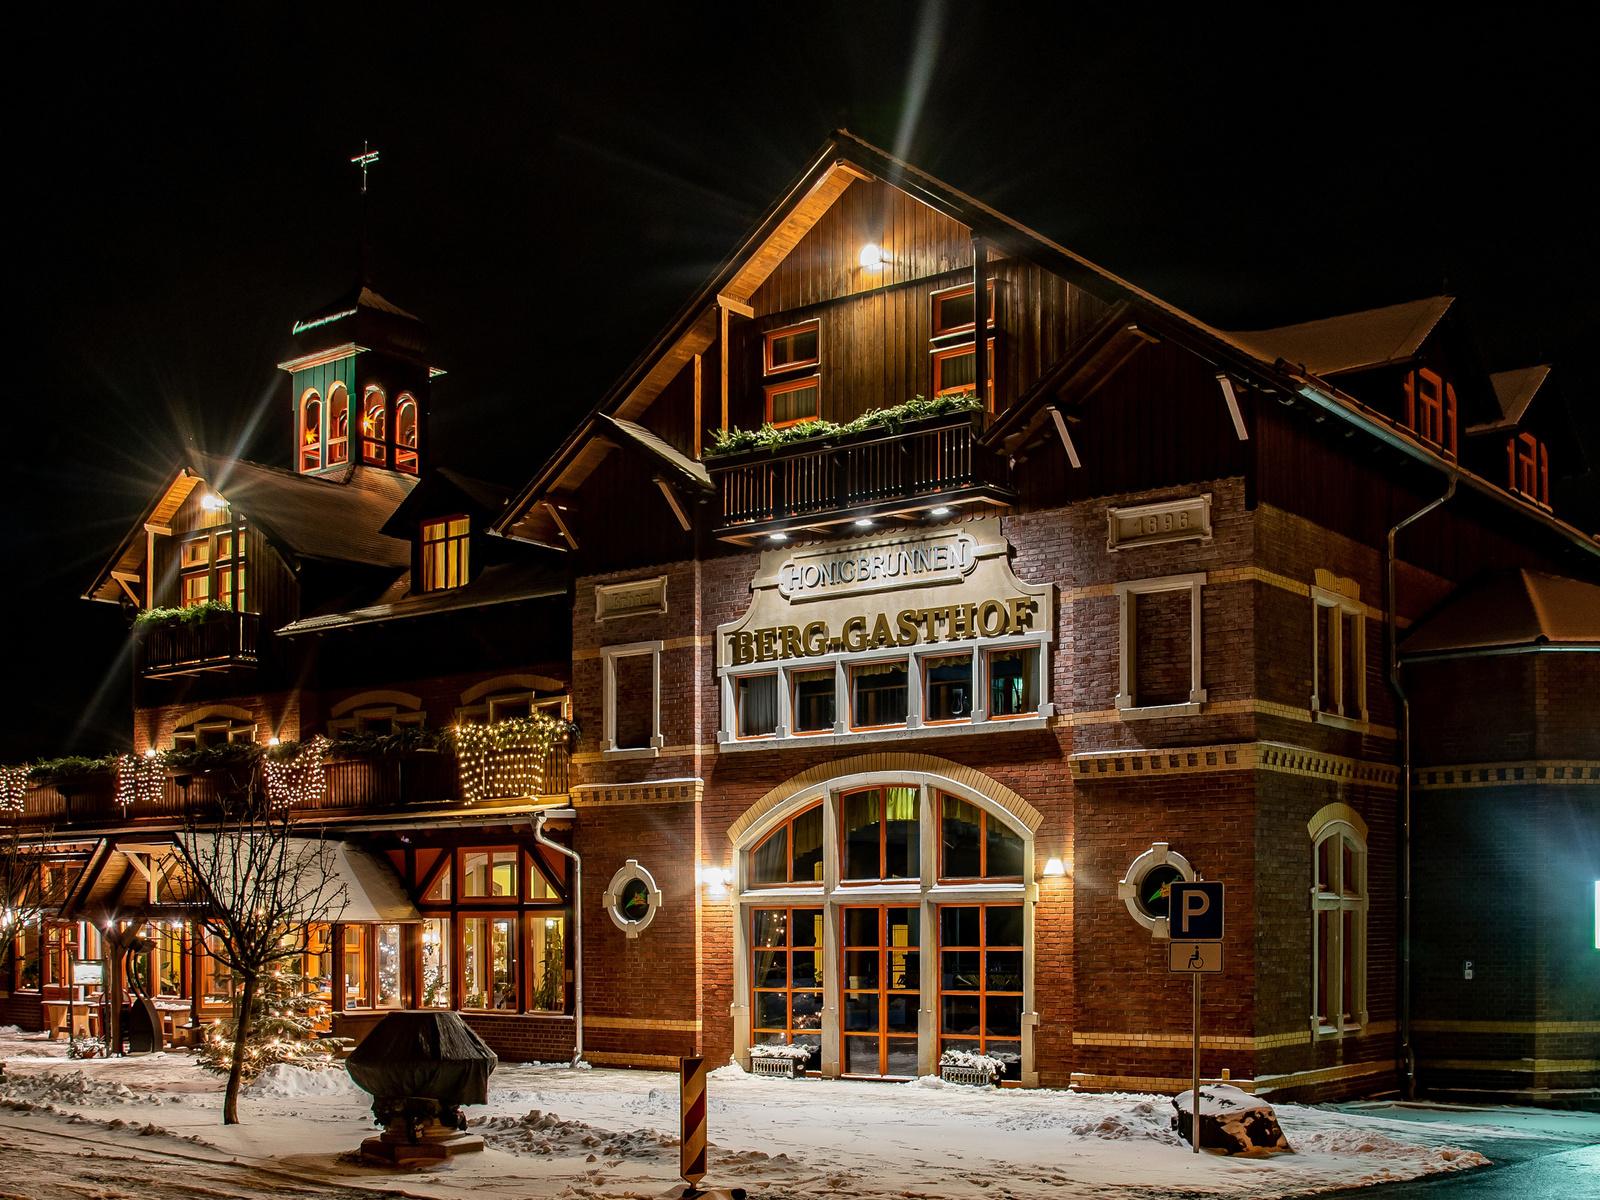 германия, зима, дом, gasthof honigbrunnen loebau, ночь, дизайн, уличные фонари, отель, город